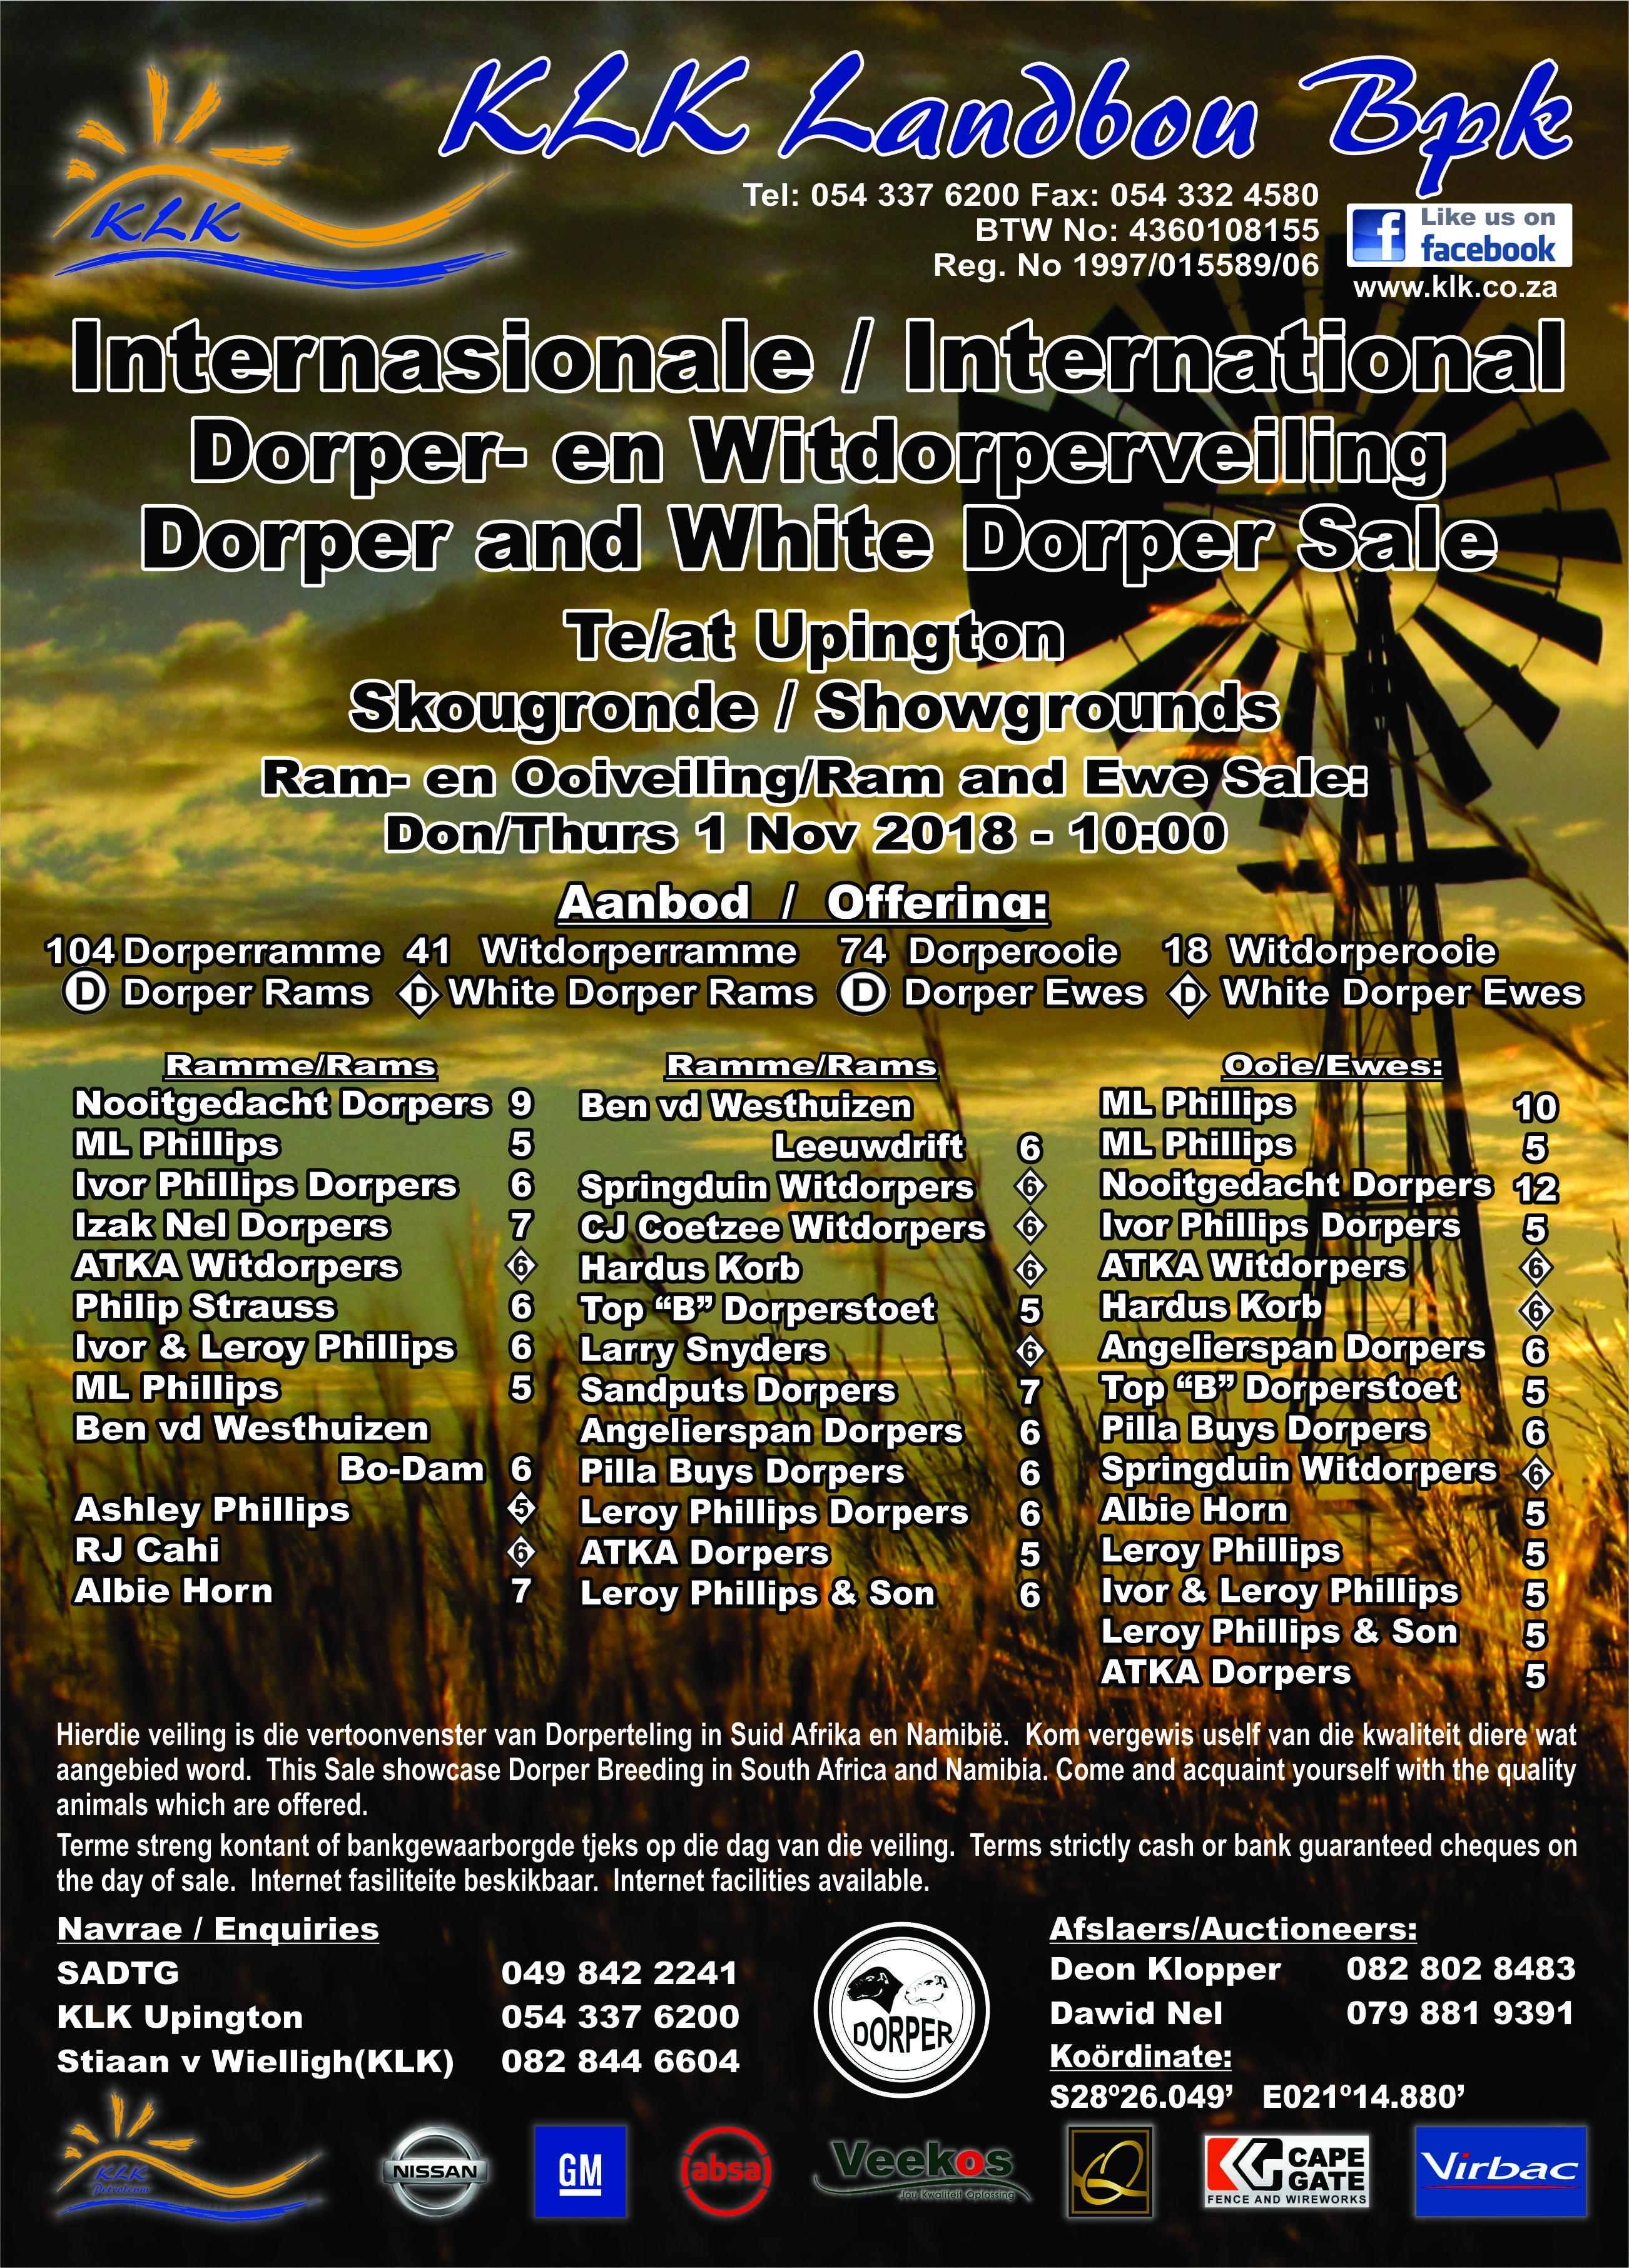 Internasionale Dorper- en Witdorperveiling